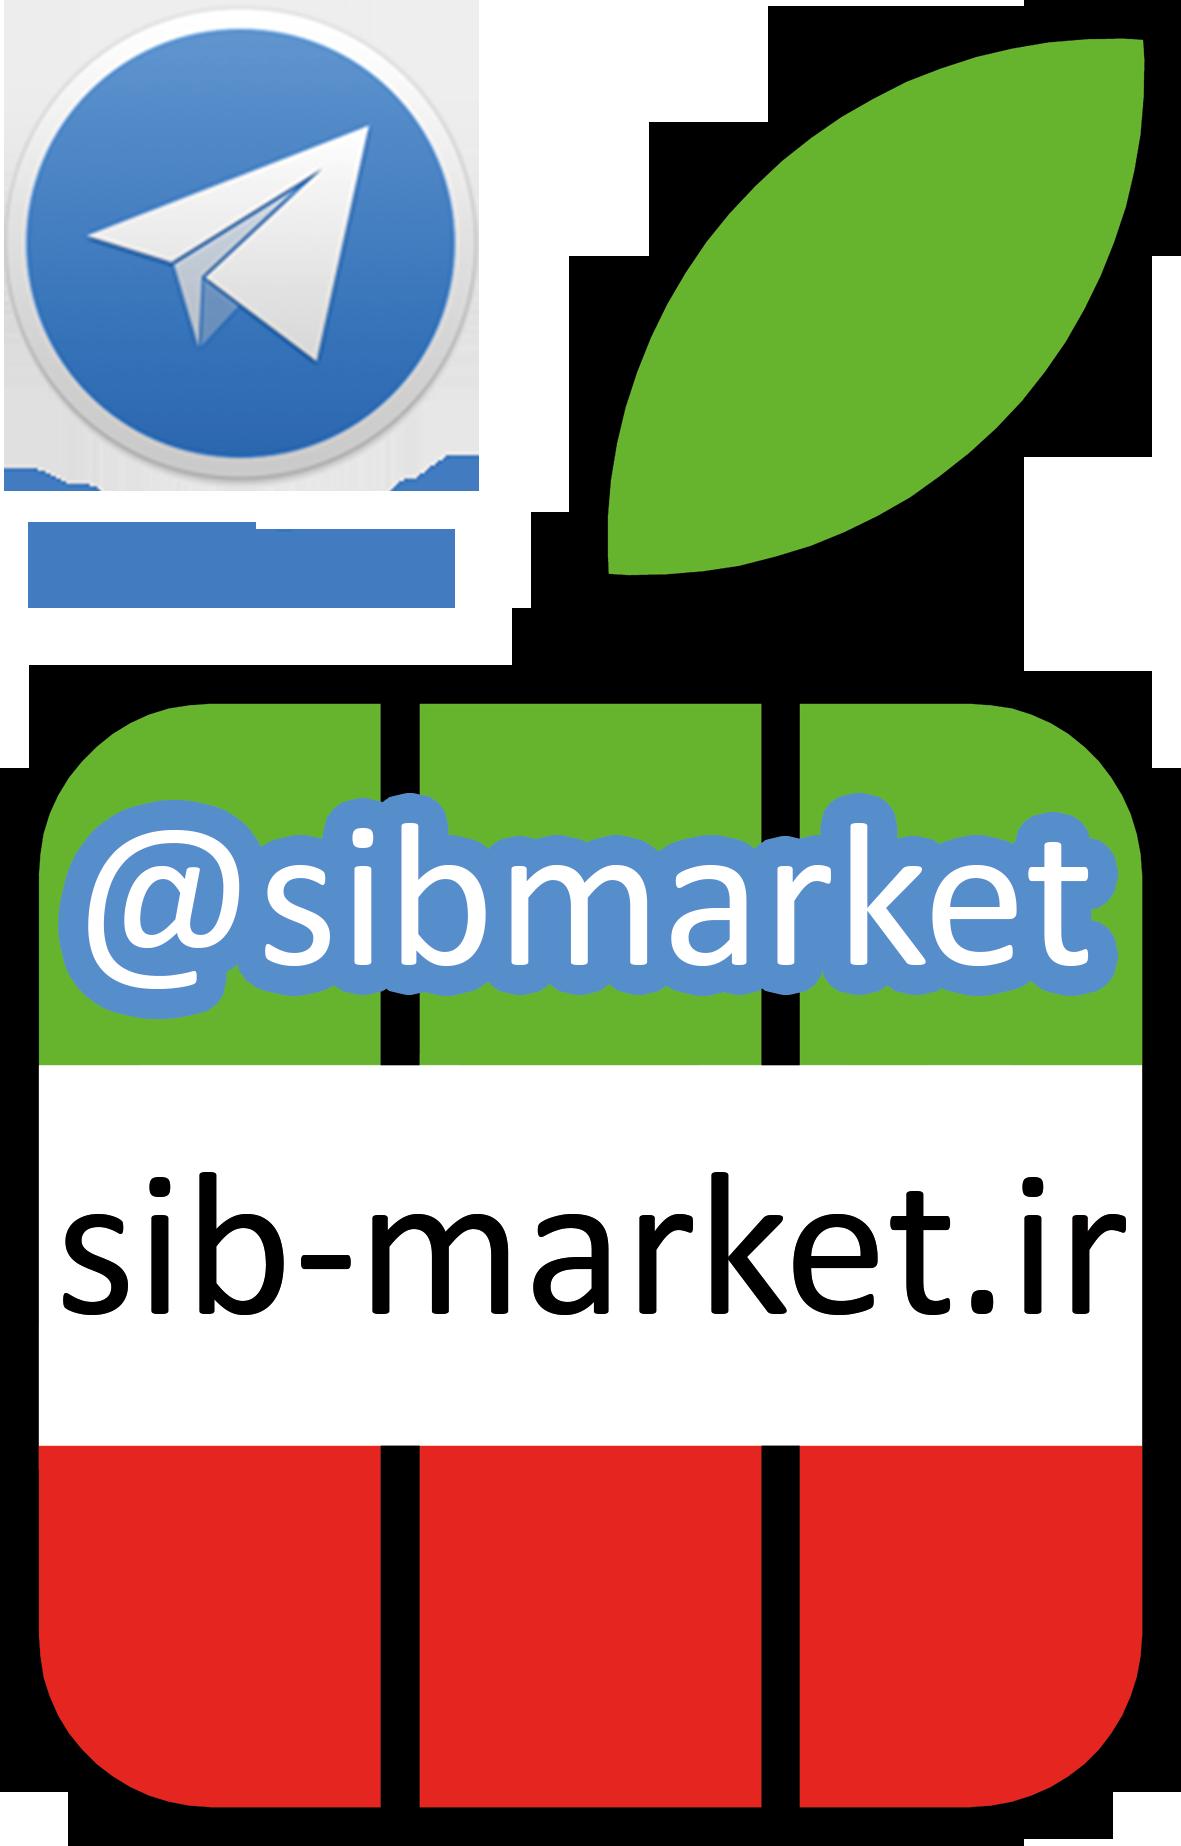 کانال رسمی سیب مارکت در تلگرام